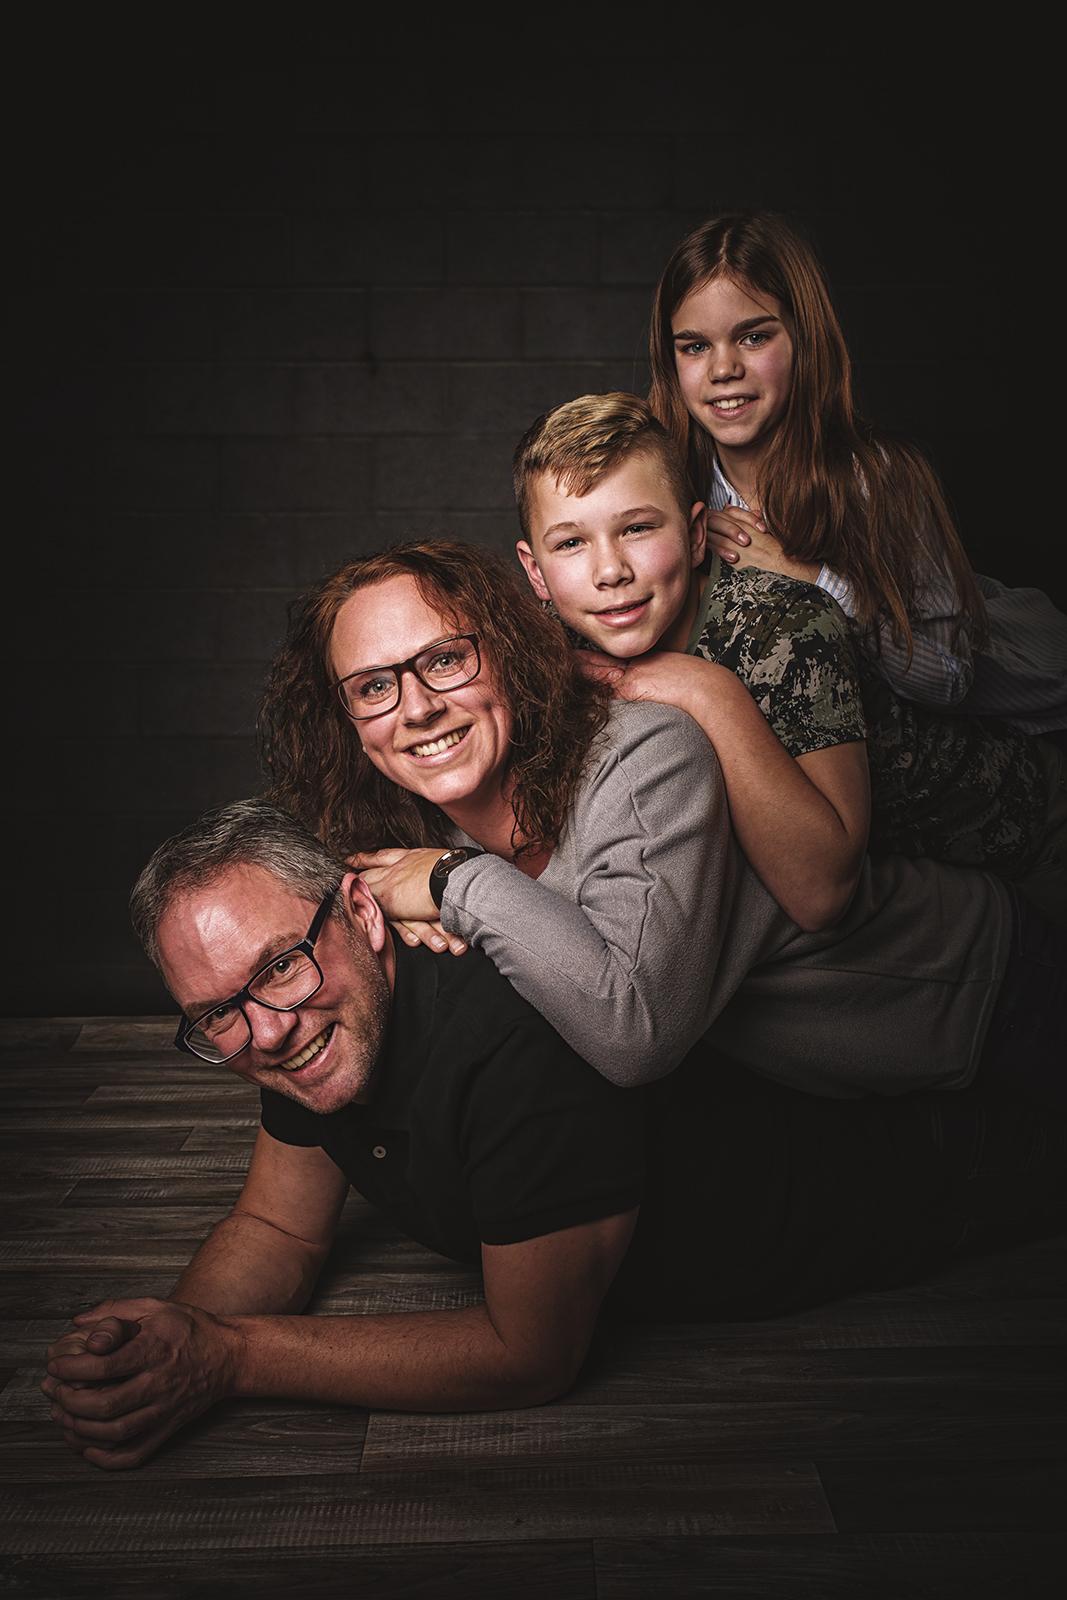 Familienshooting Paket 1